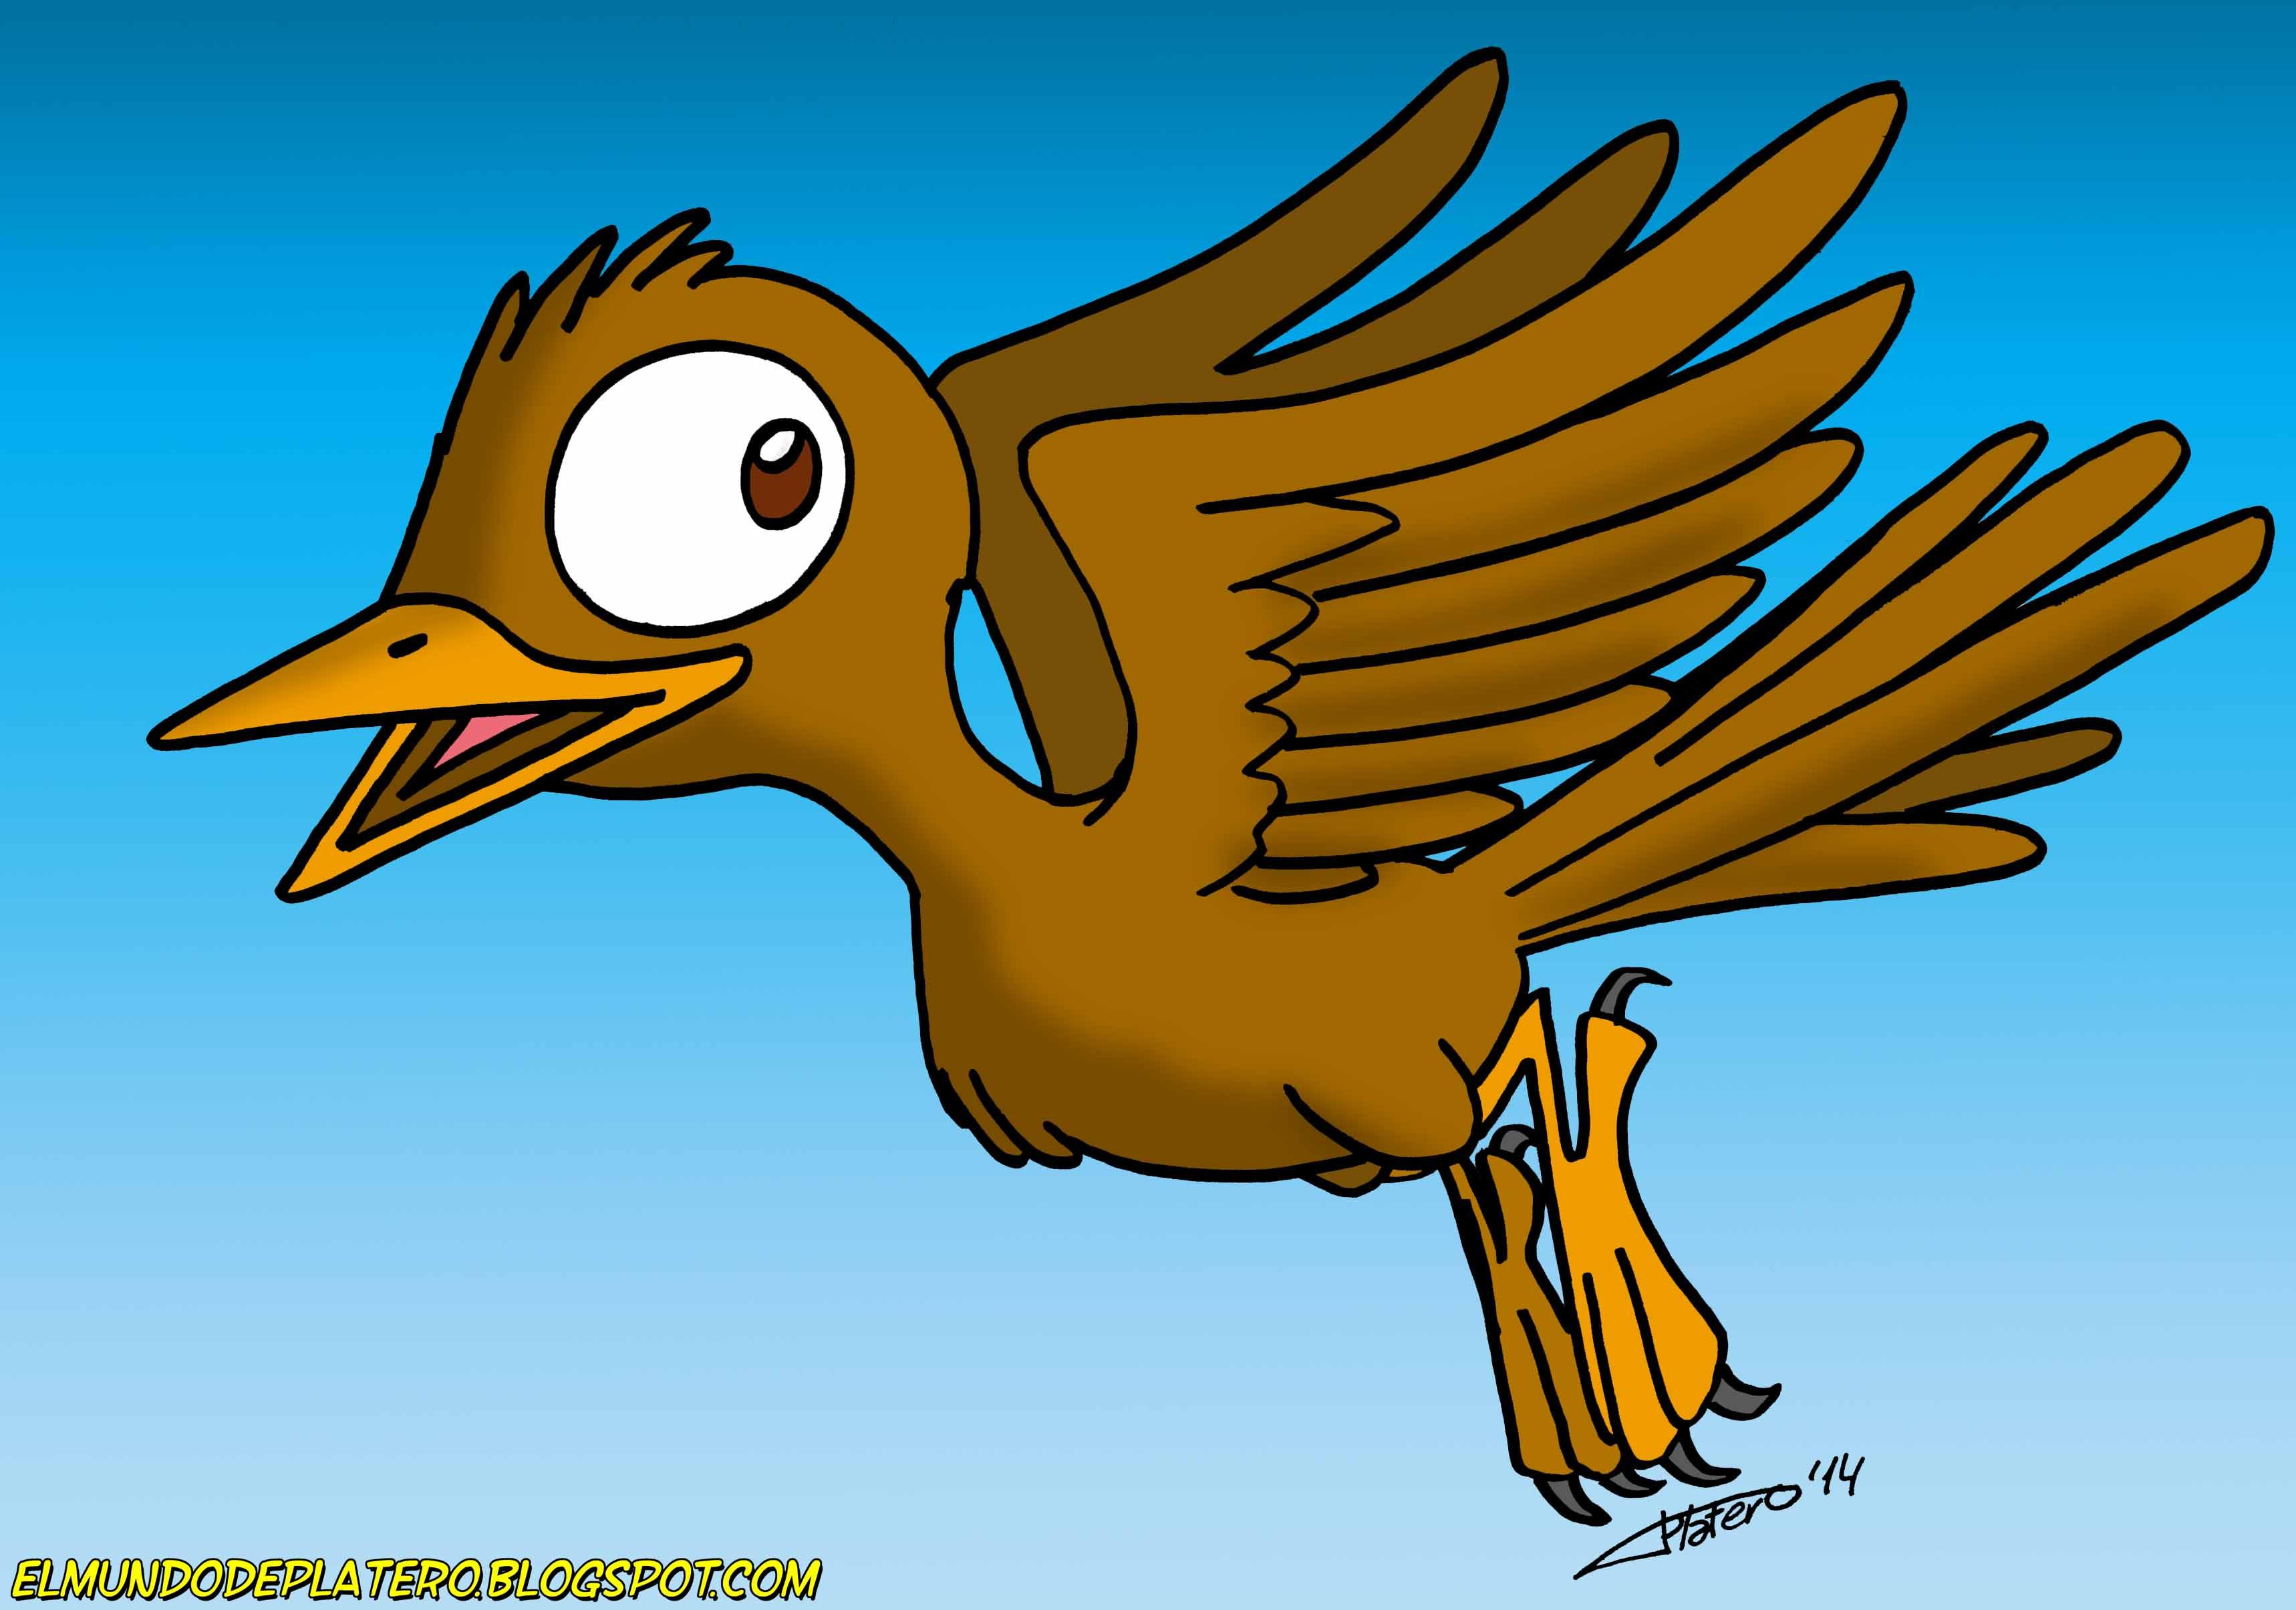 ilustraciones_infantiles_pájaro_volando_dibujos_infantiles_por_encargo_elmundode